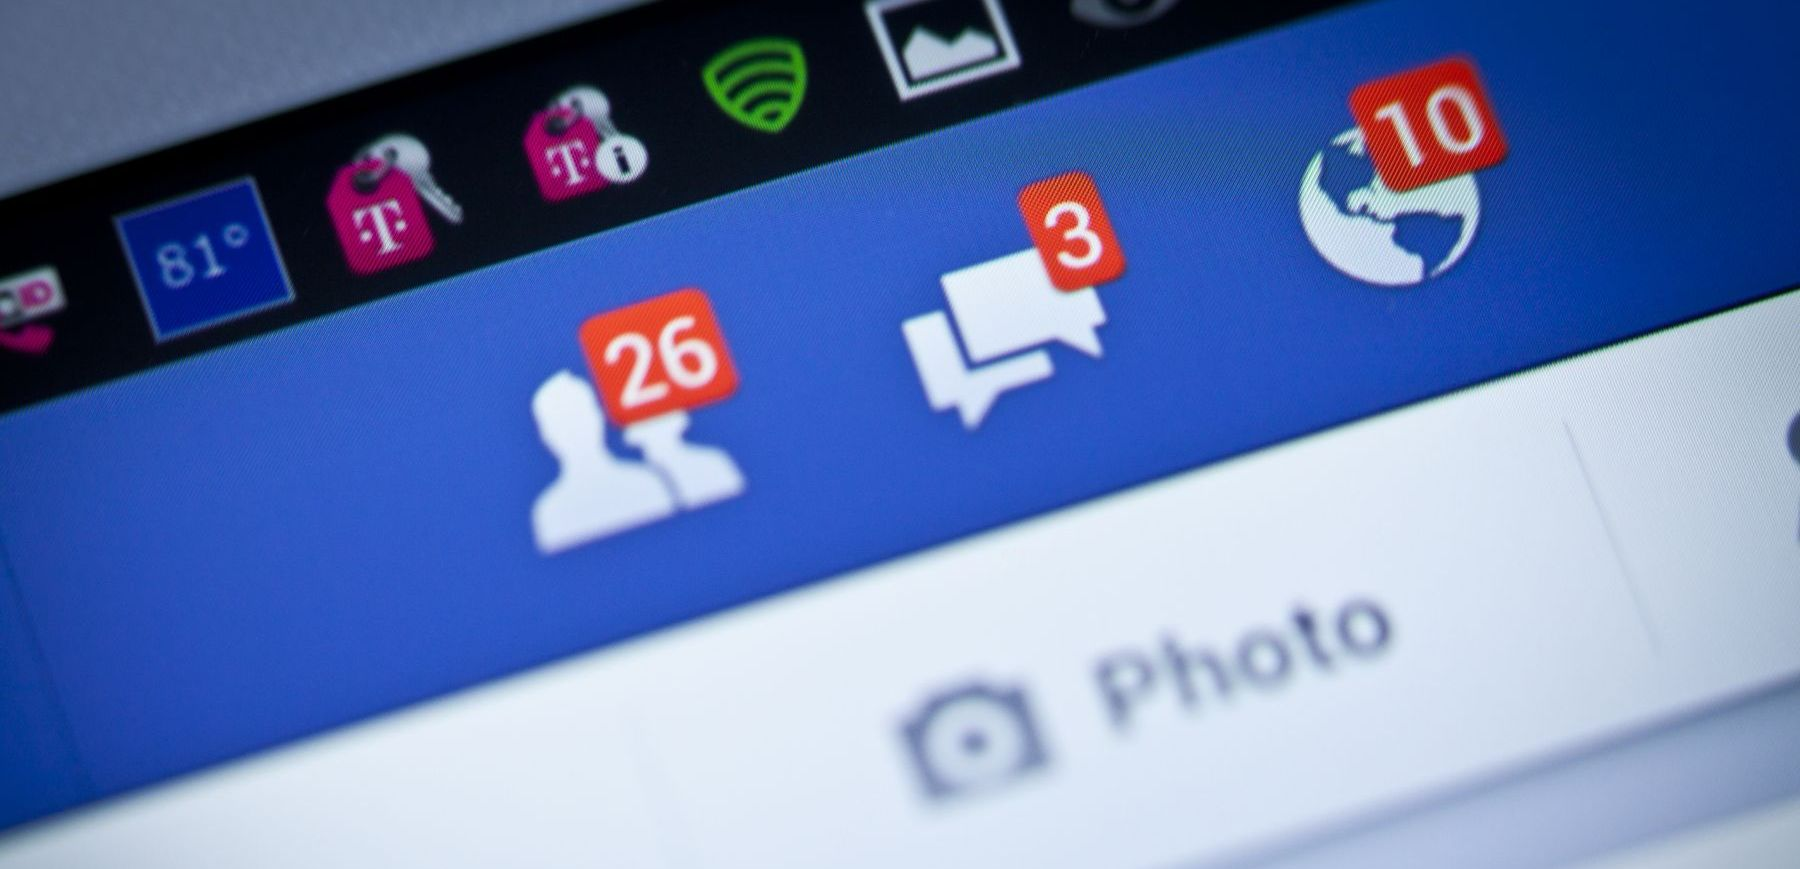 FB好友沒互動?這工具幫你查出誰最關心你